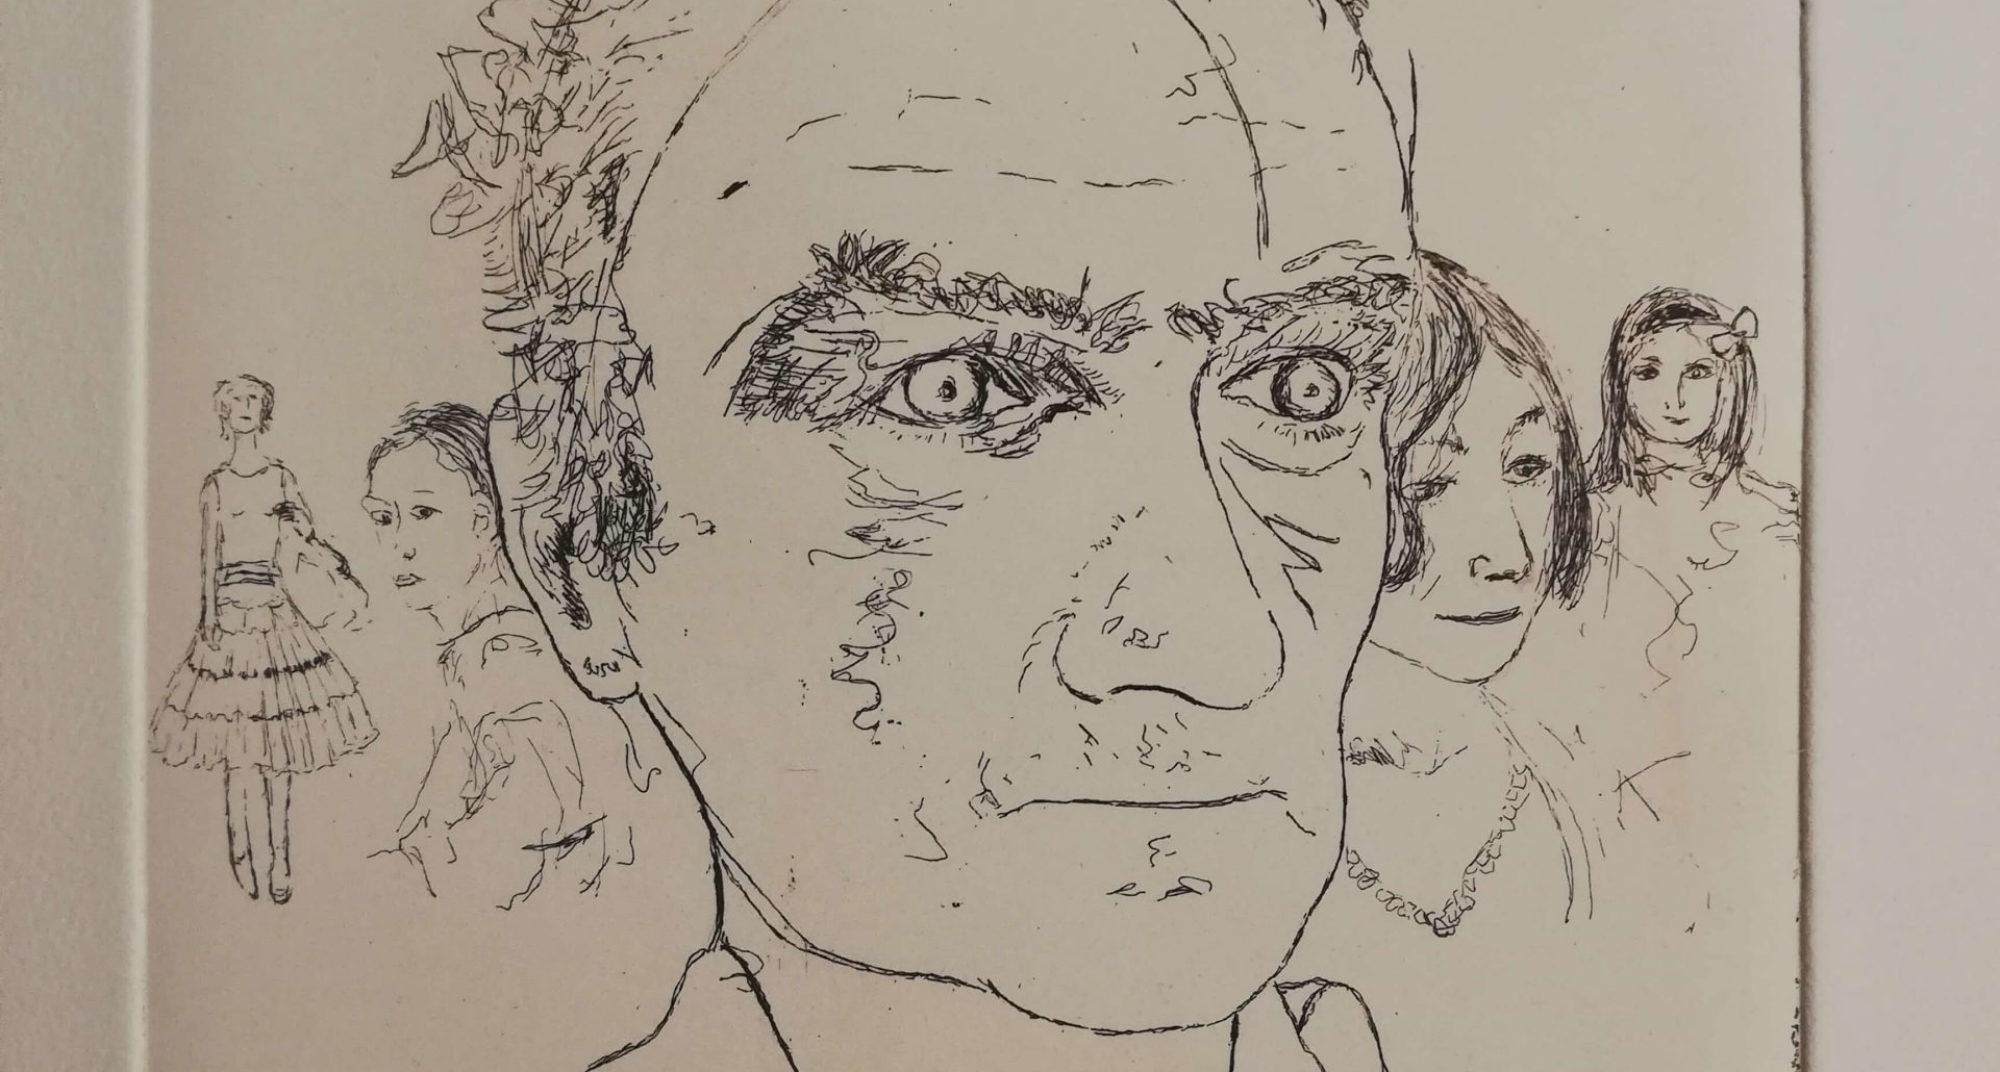 Puharre's Art